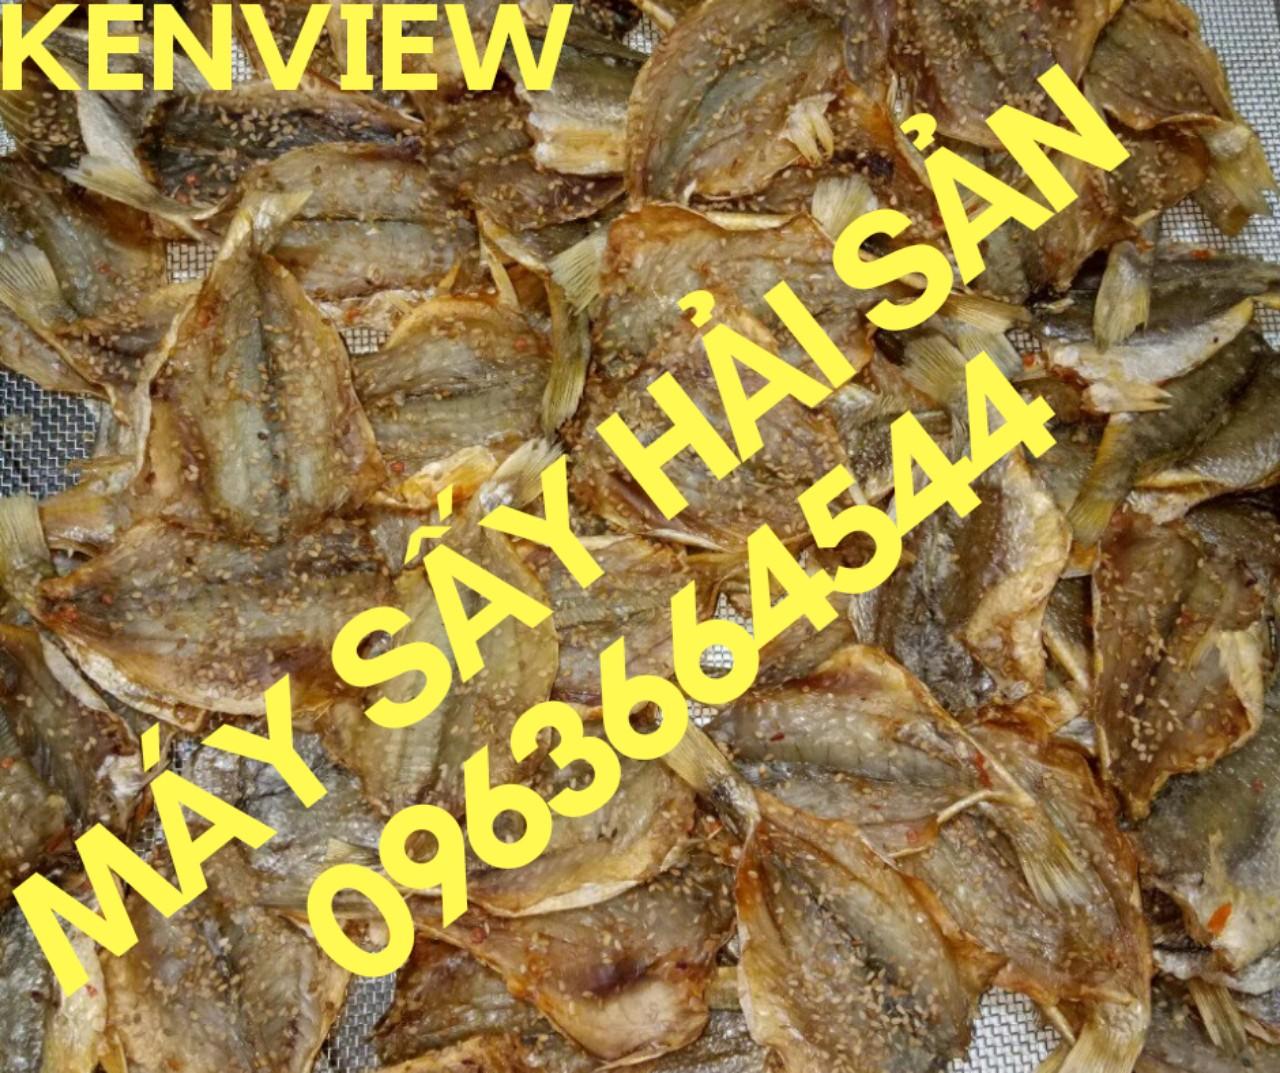 Máy sấy hải sản chuyên nghiệp, máy sấy cá khô, tôm khô, mực khô